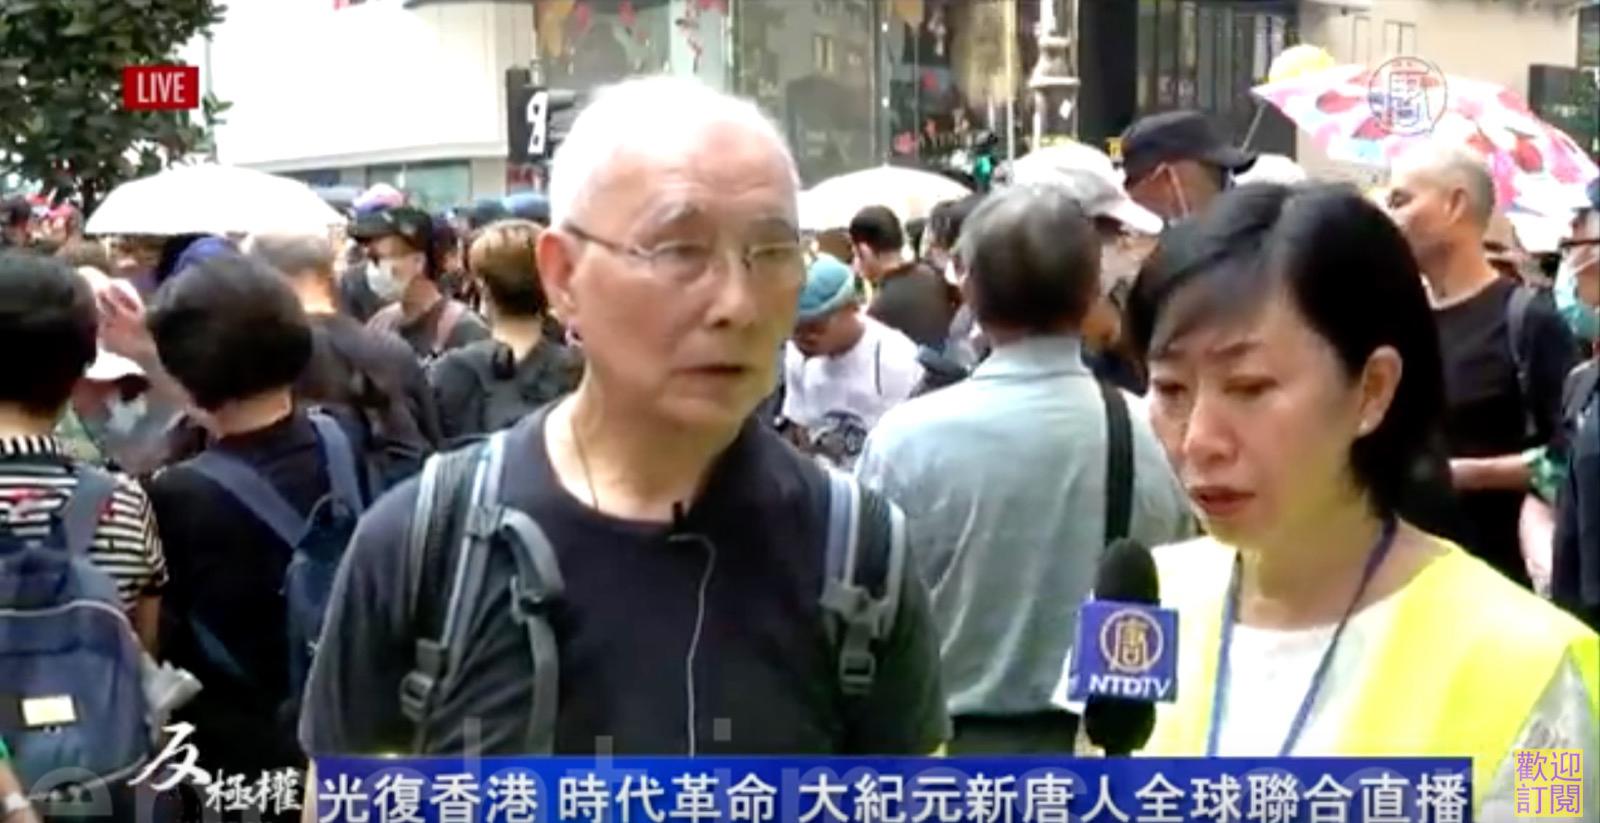 參加10.1遊行的80歲作家韓山畢說:「以前的香港可以安居樂業的家園,現在家園危機了,我不想這麼大年紀再去逃亡或移民。」(視頻截圖)